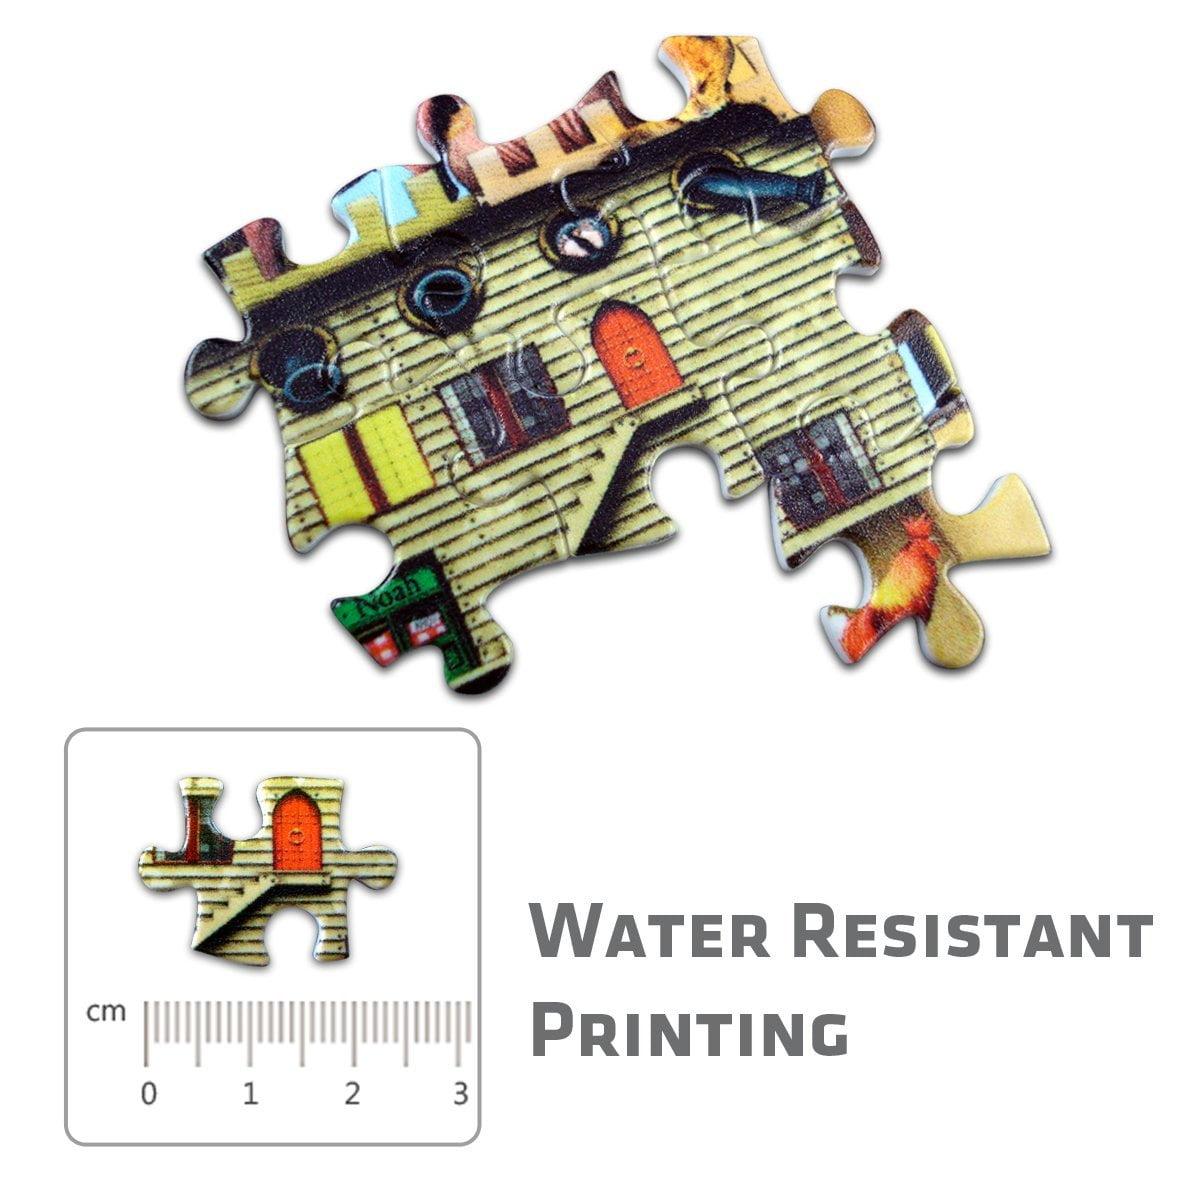 Water Resistant Printing